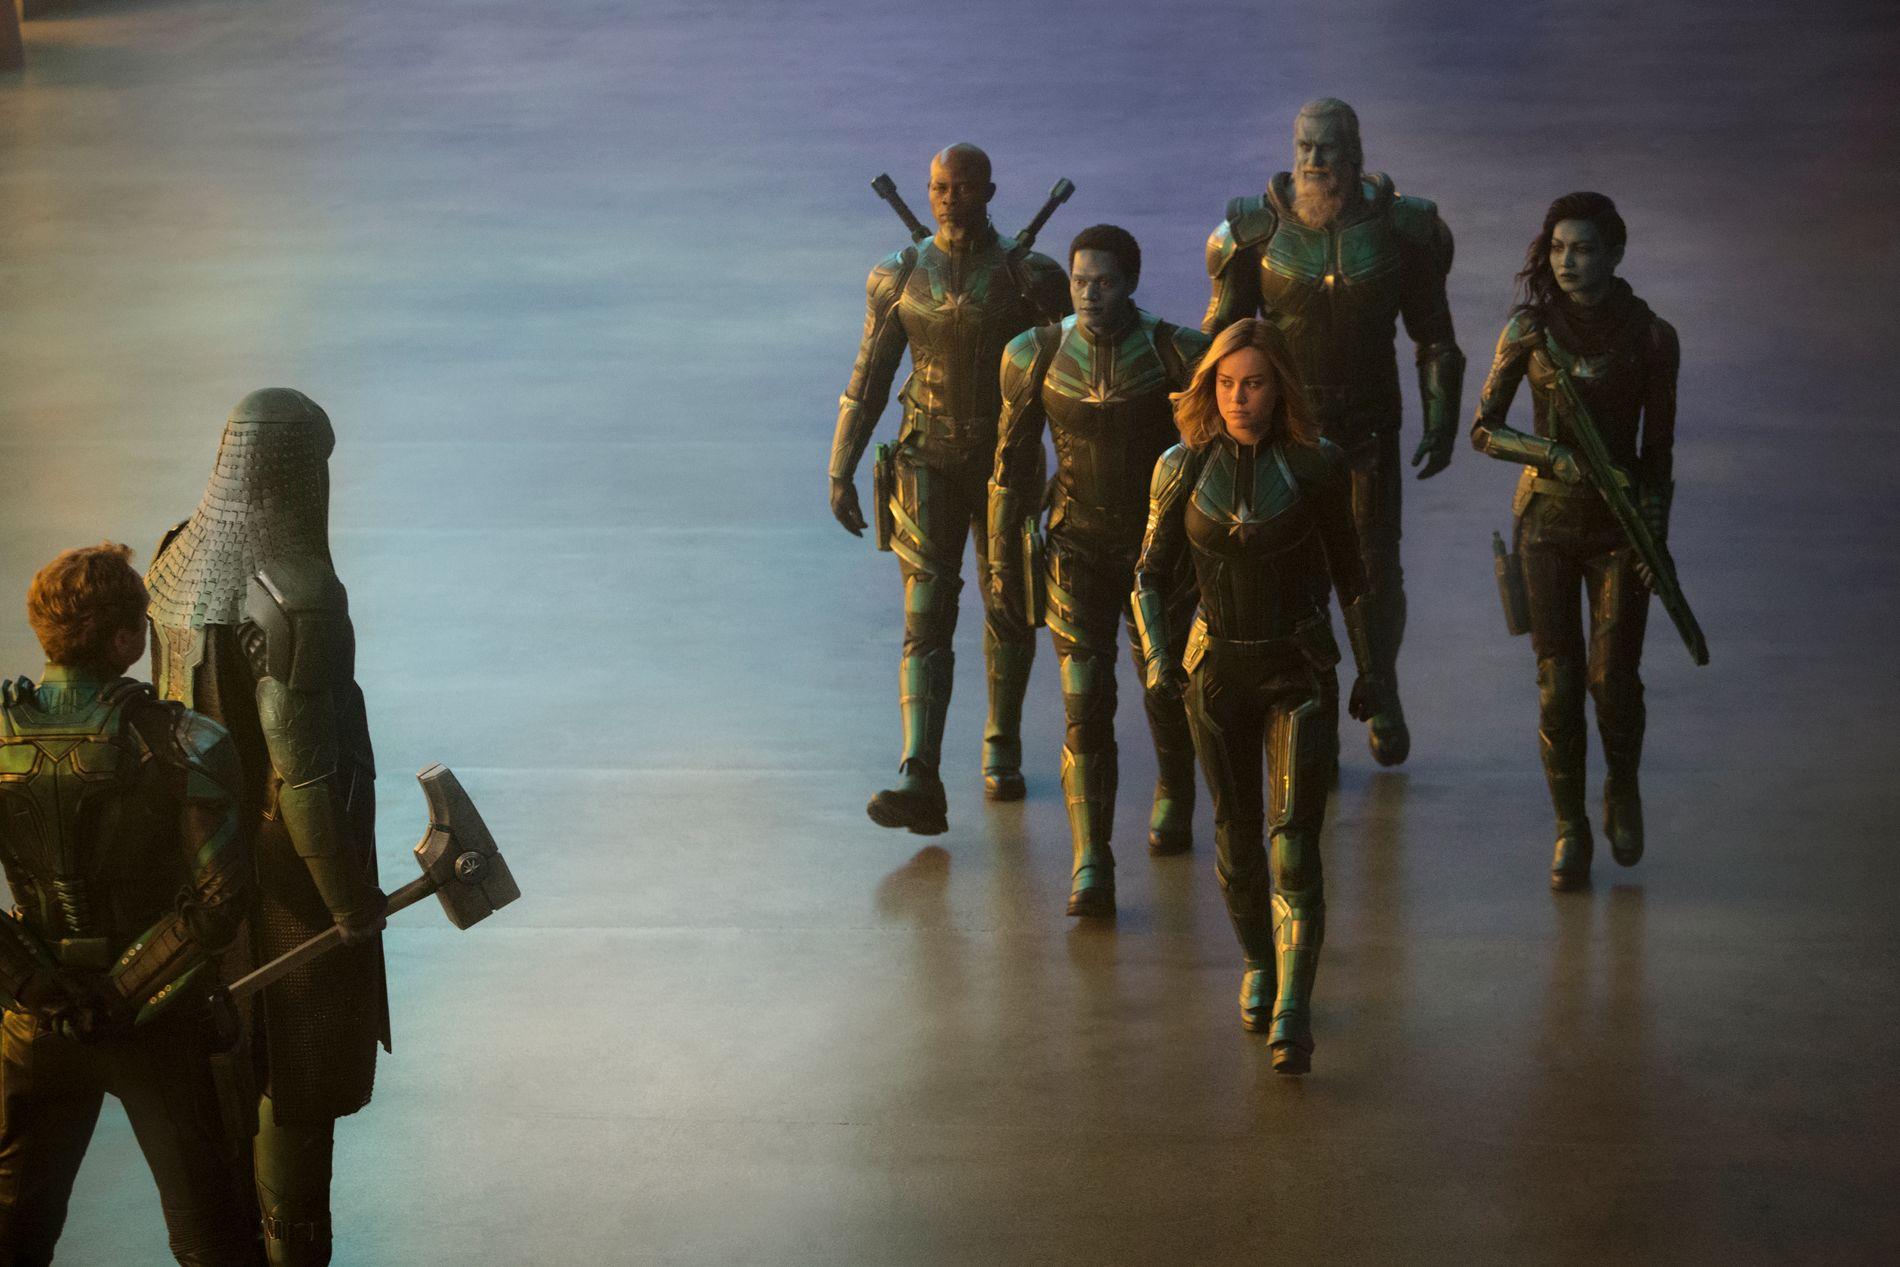 SUPERHELTER: F.v. Leader of Starforce (Jude Law), Ronan (Lee Pace), Korath (Djimon Hounsou), Att-Lass (Algenis Perez Soto), Carol Danvers/Captain Marvel (Brie Larson), Bron-Char (Rune Temte) og Minn-Erva (Gemma Chan) i «Captain Marvel».